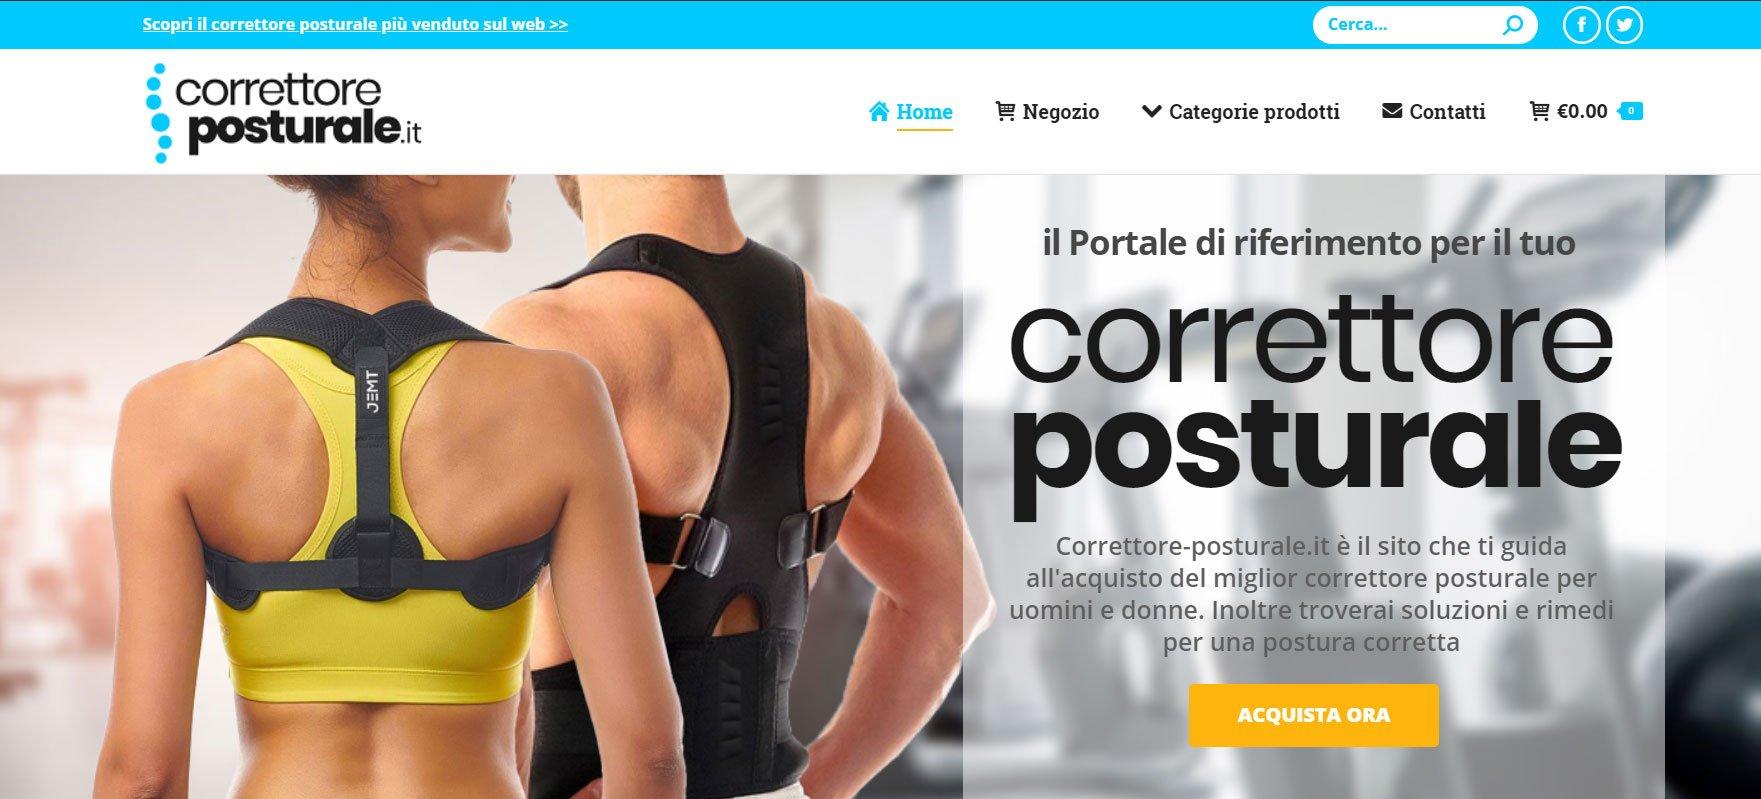 correttore posturale sito web